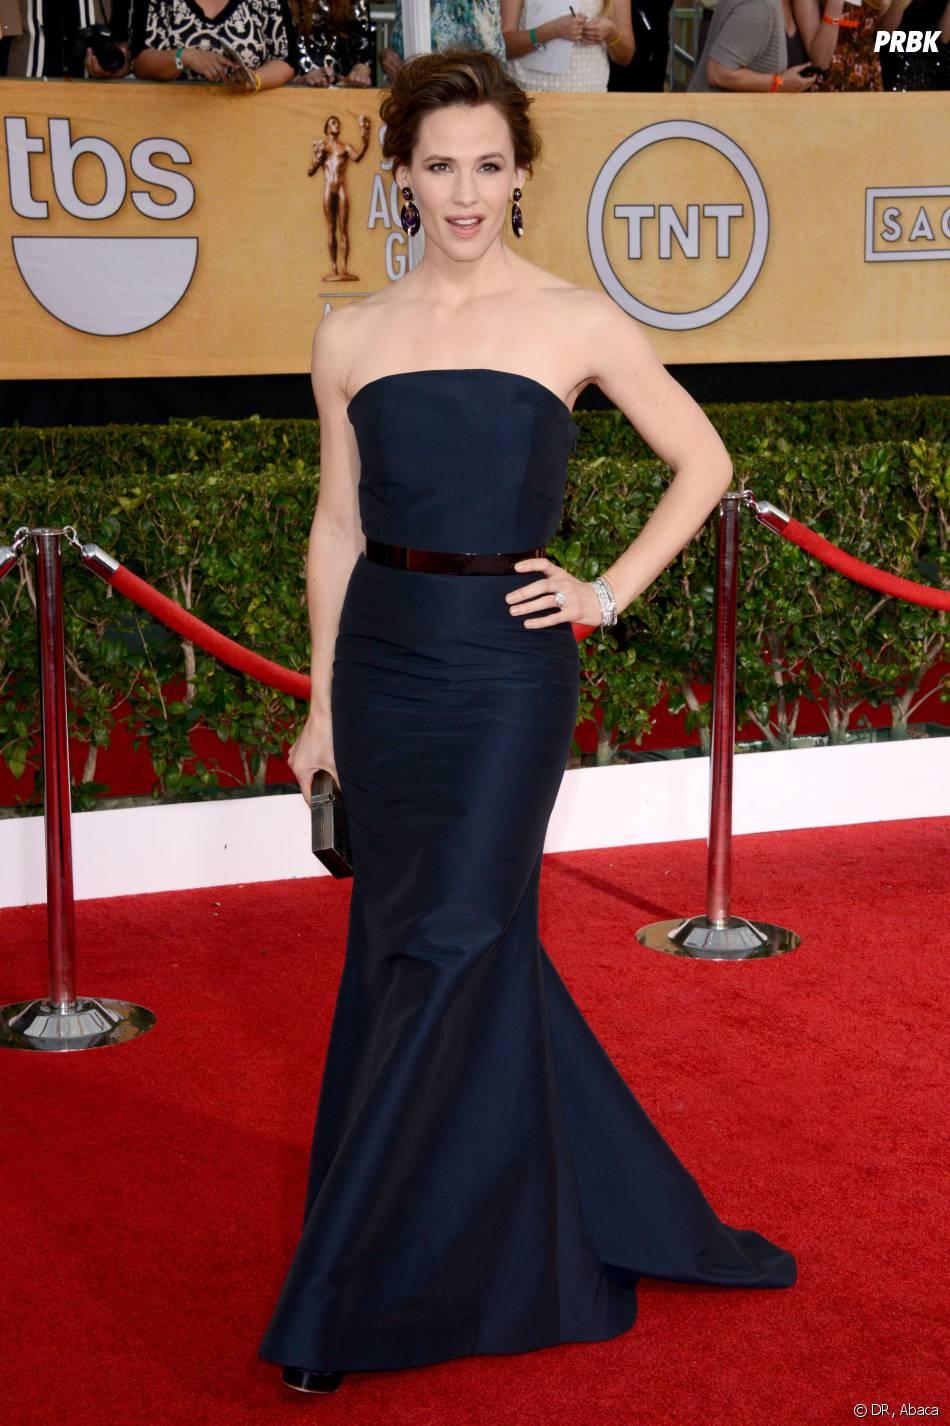 SAG Awards 2014 : Jennifer Garner à Los Angeles le samedi 18 janvier